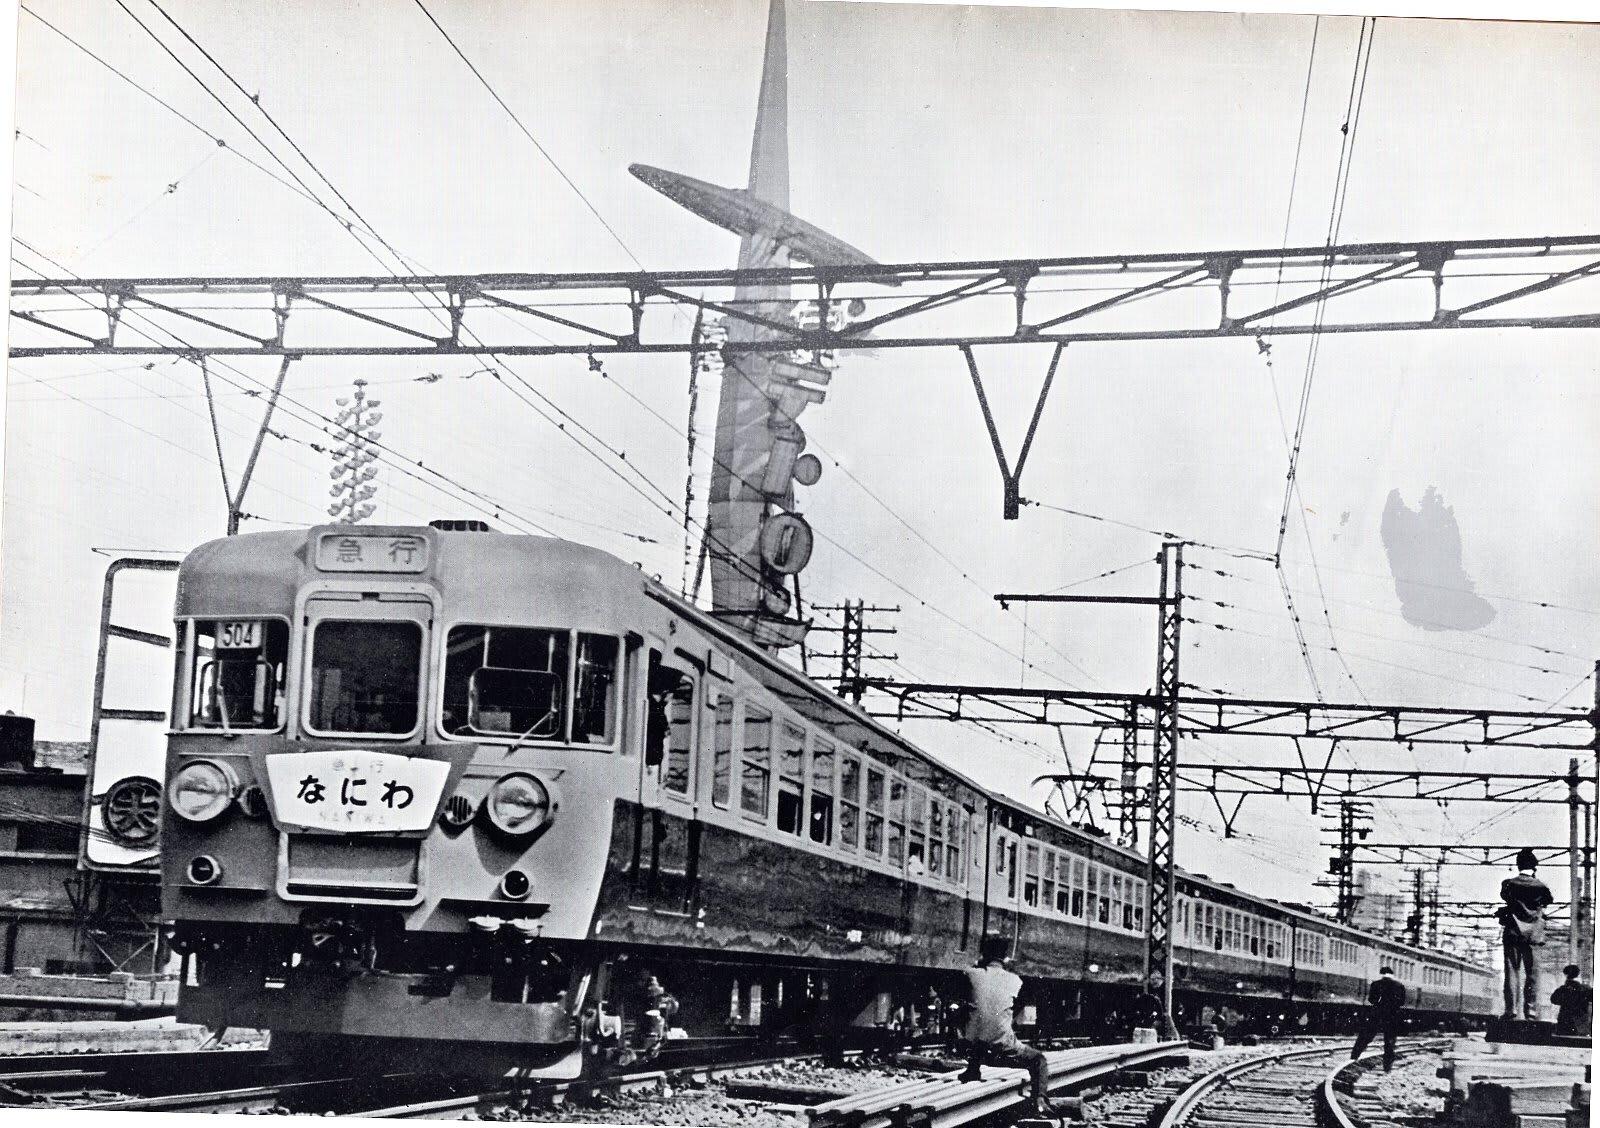 準急列車と急行列車 - 国鉄があ...